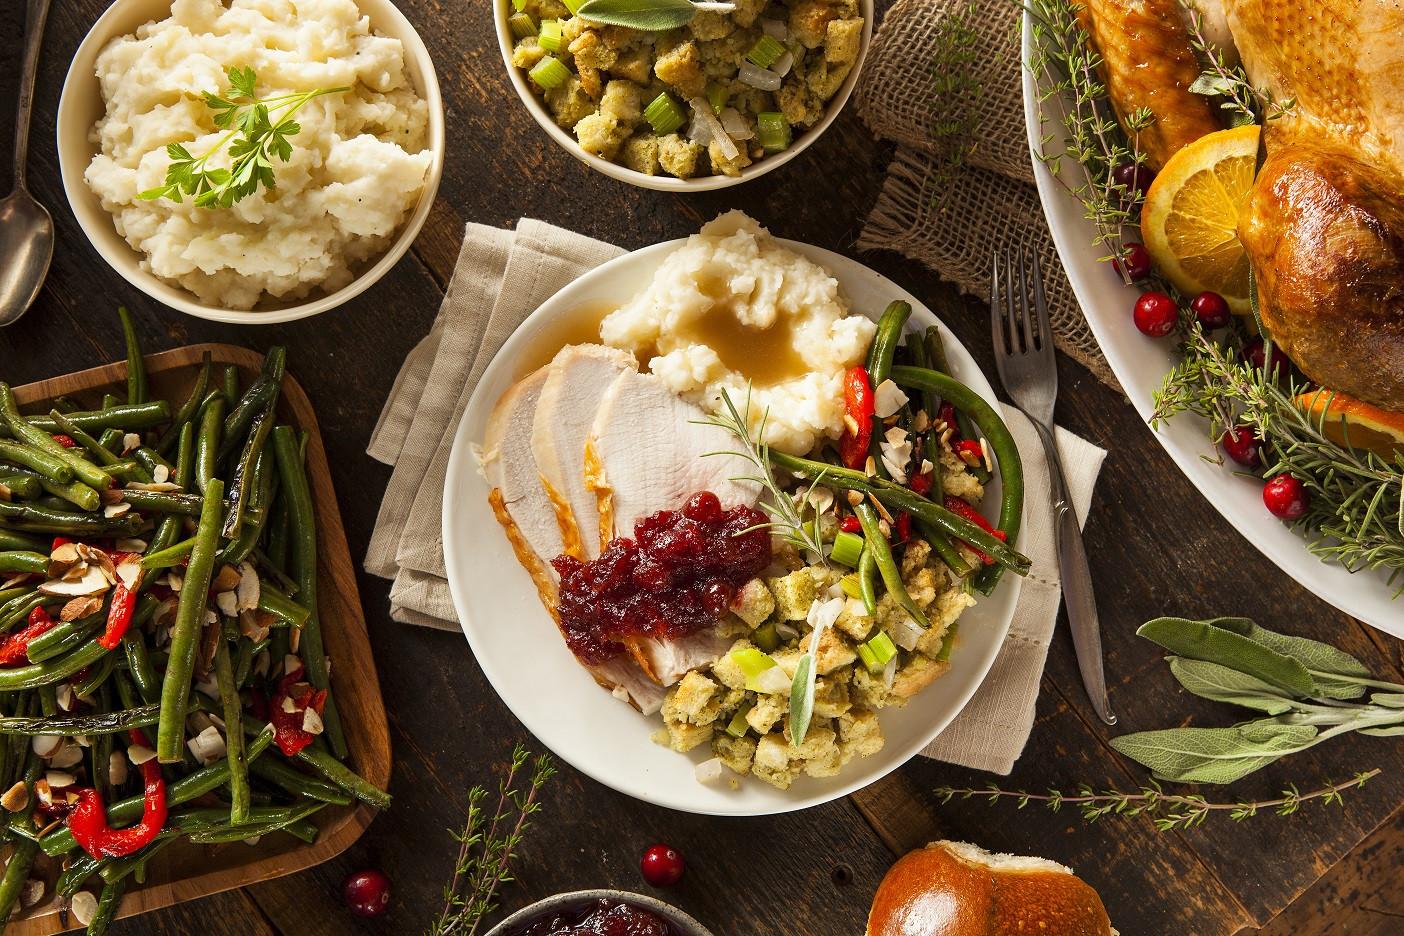 Thanksgiving Dinner Ideas  Thanksgiving Dinner Traditions in Ocean City MD